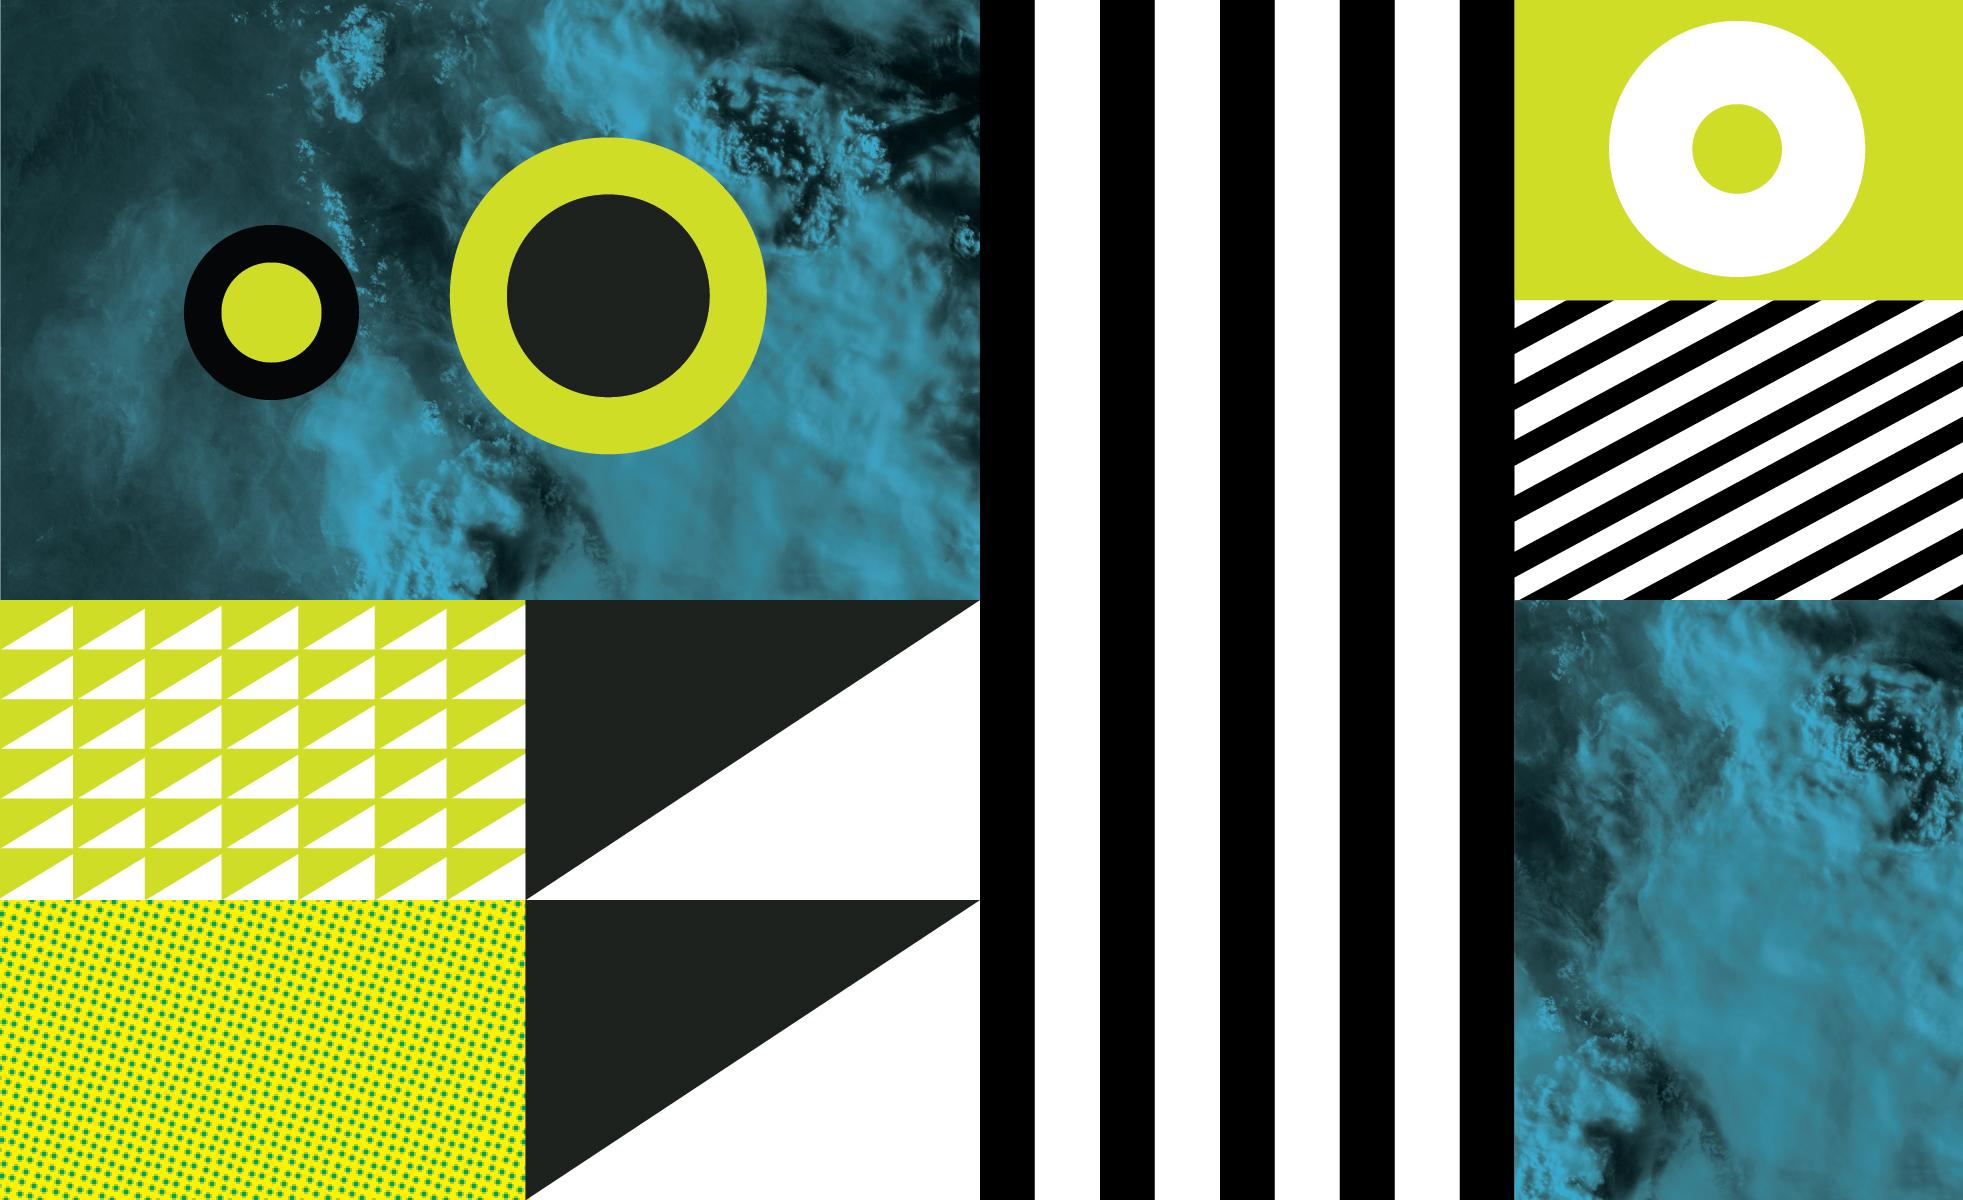 illustrations-02.jpg